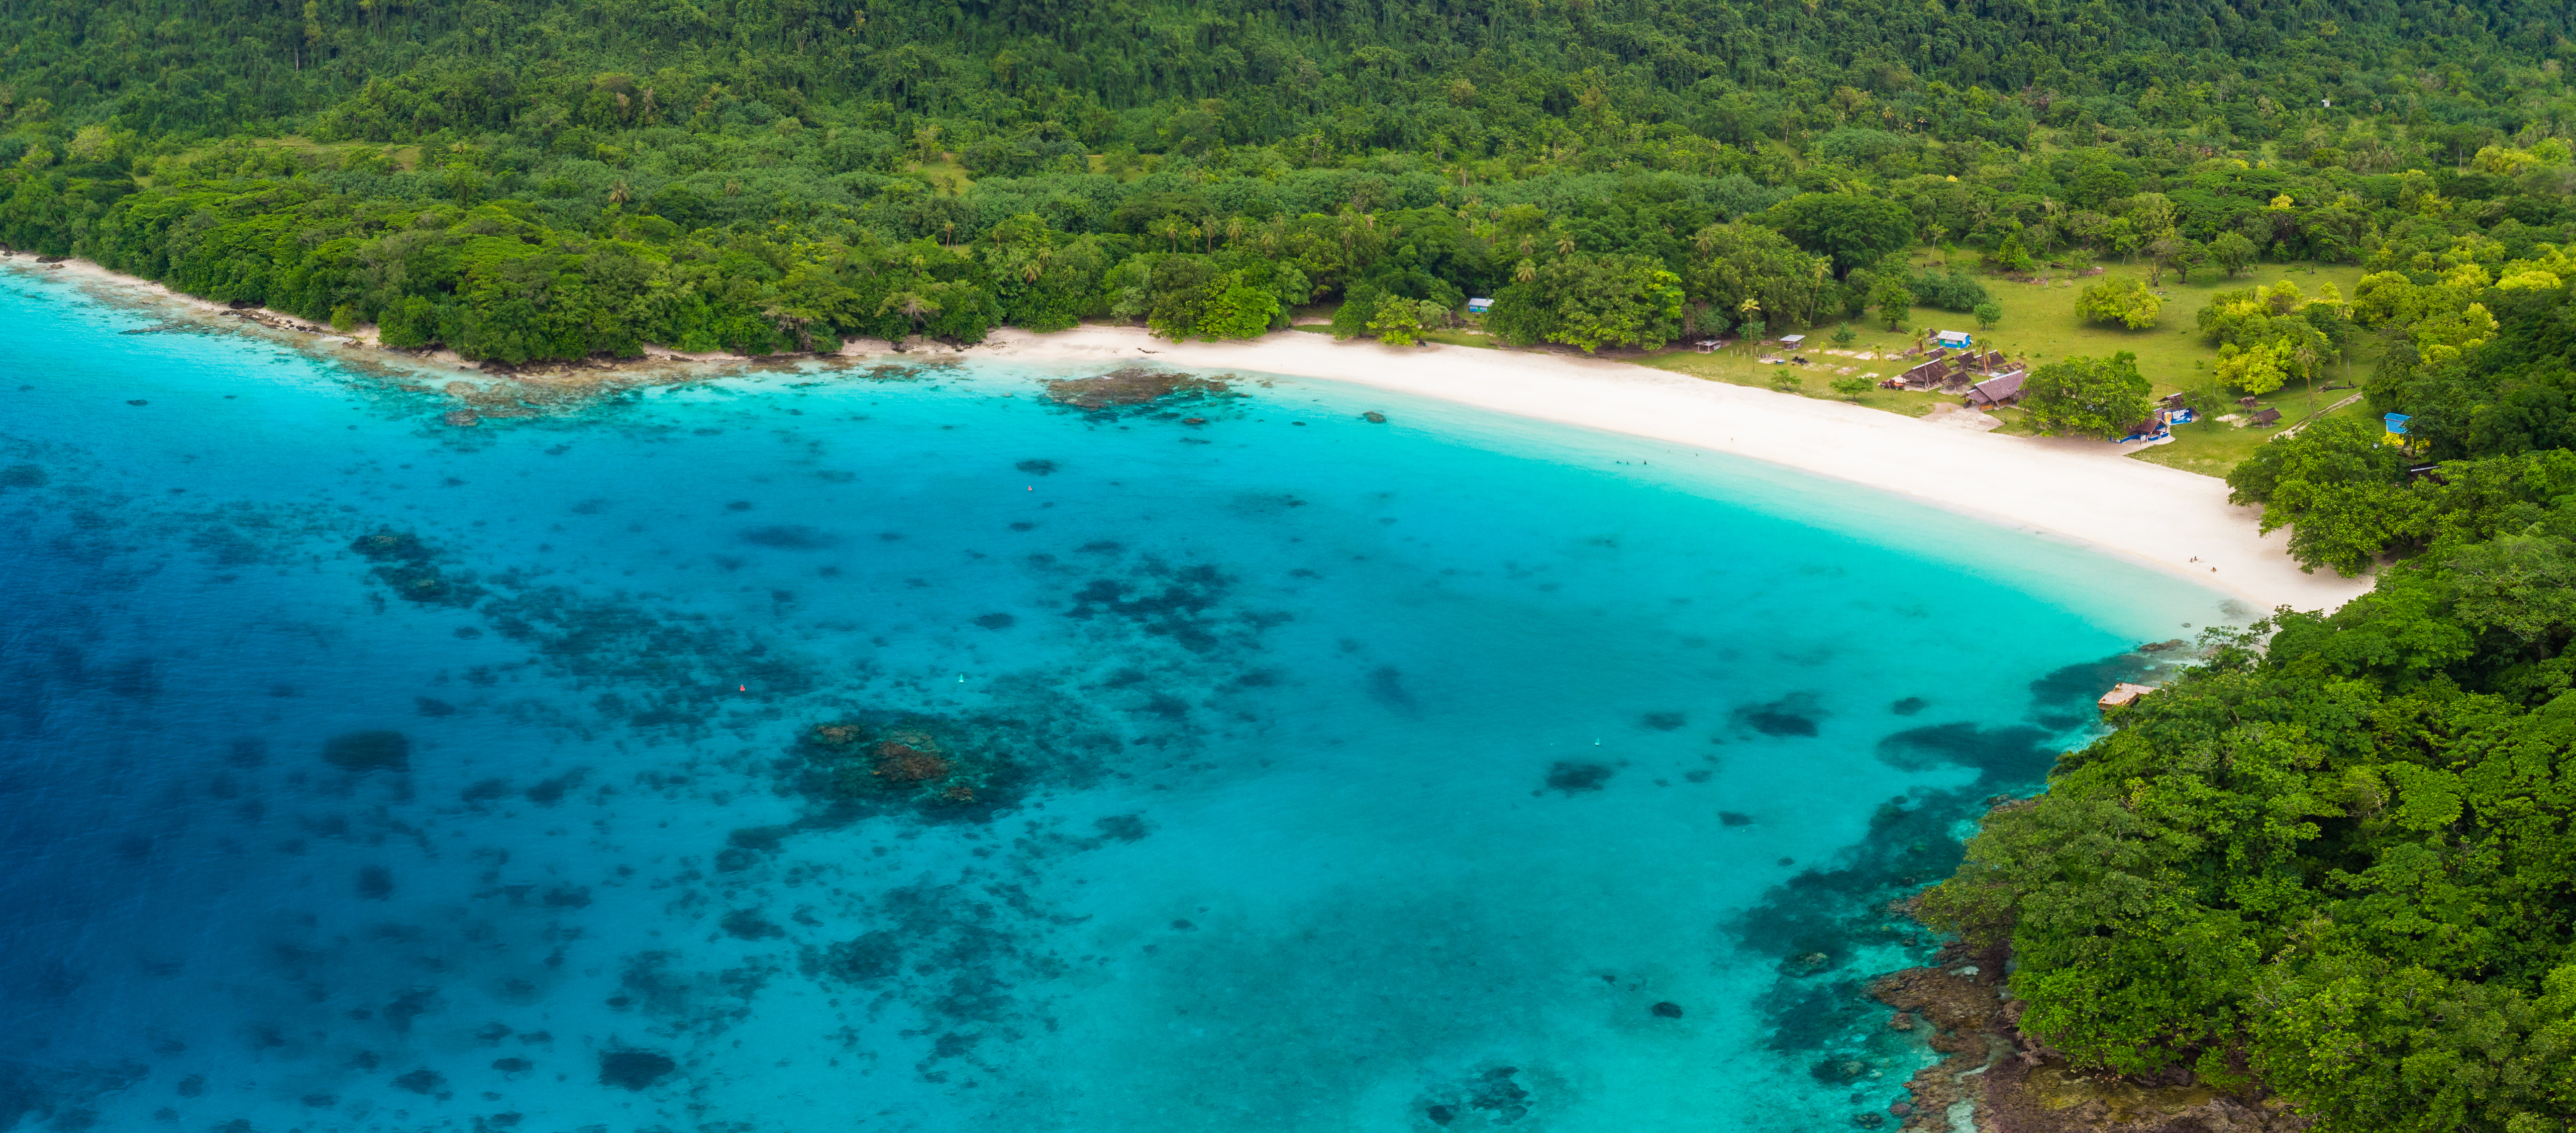 La Playa Champagne es una playa muy popular situada en la isla de Espíritu Santo en Vanuatu parte de Oceanía. Es famosa por sus hermosas playas de arena blanca, una de los mejores en el Pacífico Sur